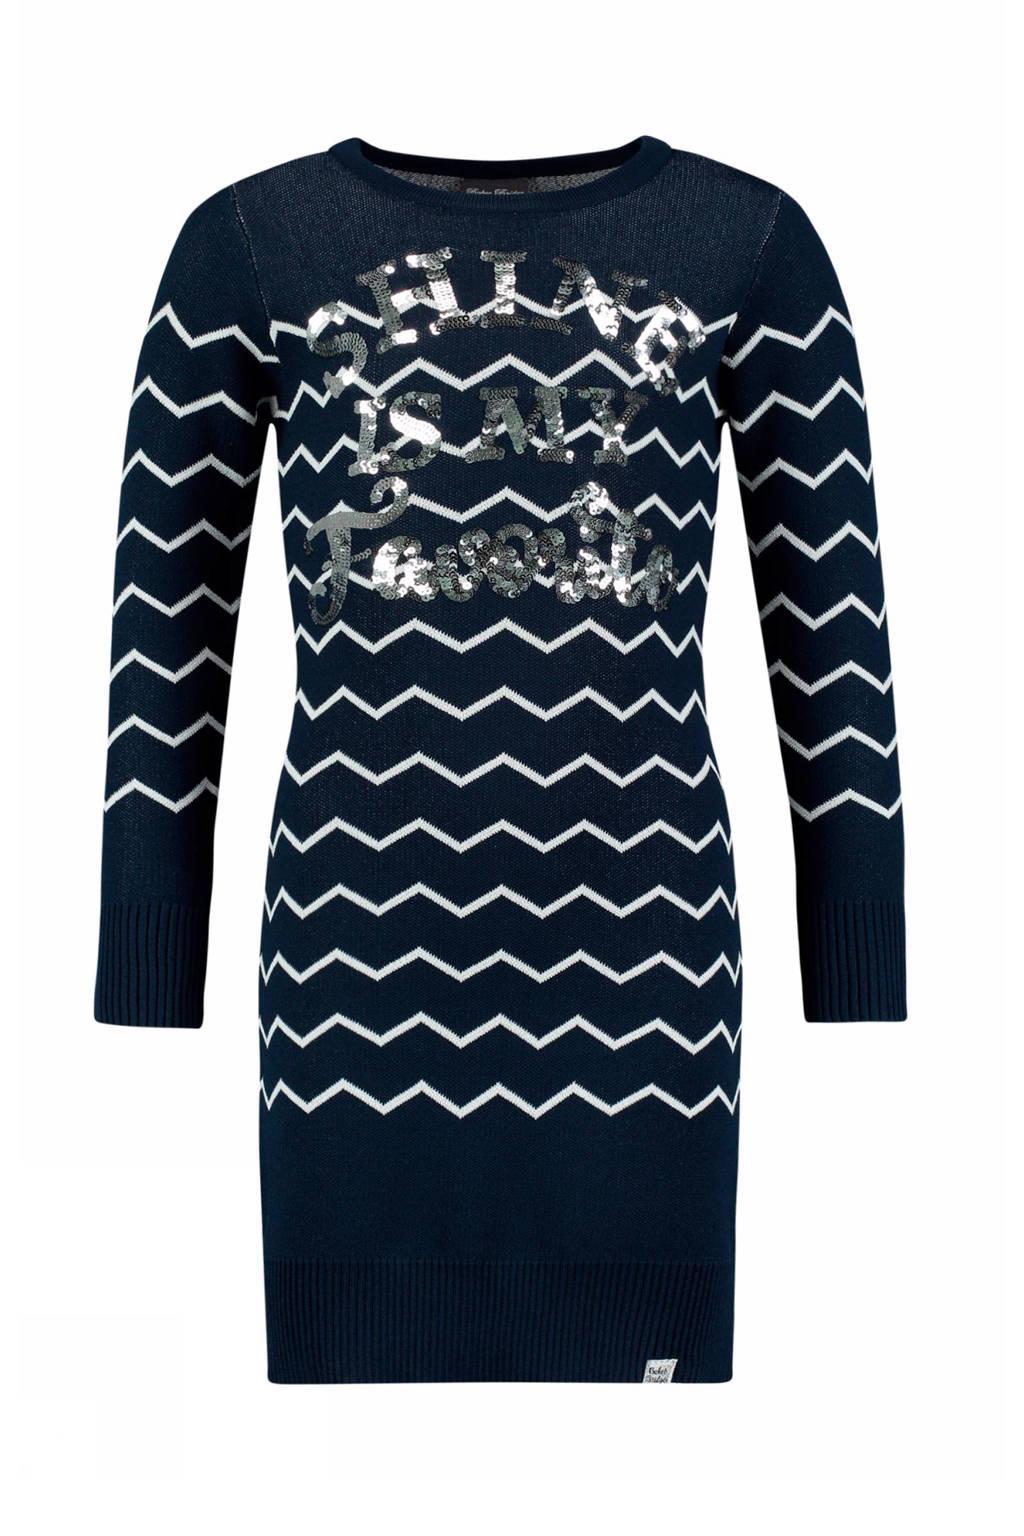 Baker Bridge jurk met grafische print en pailletten donkerblauw/wit, Donkerblauw/wit